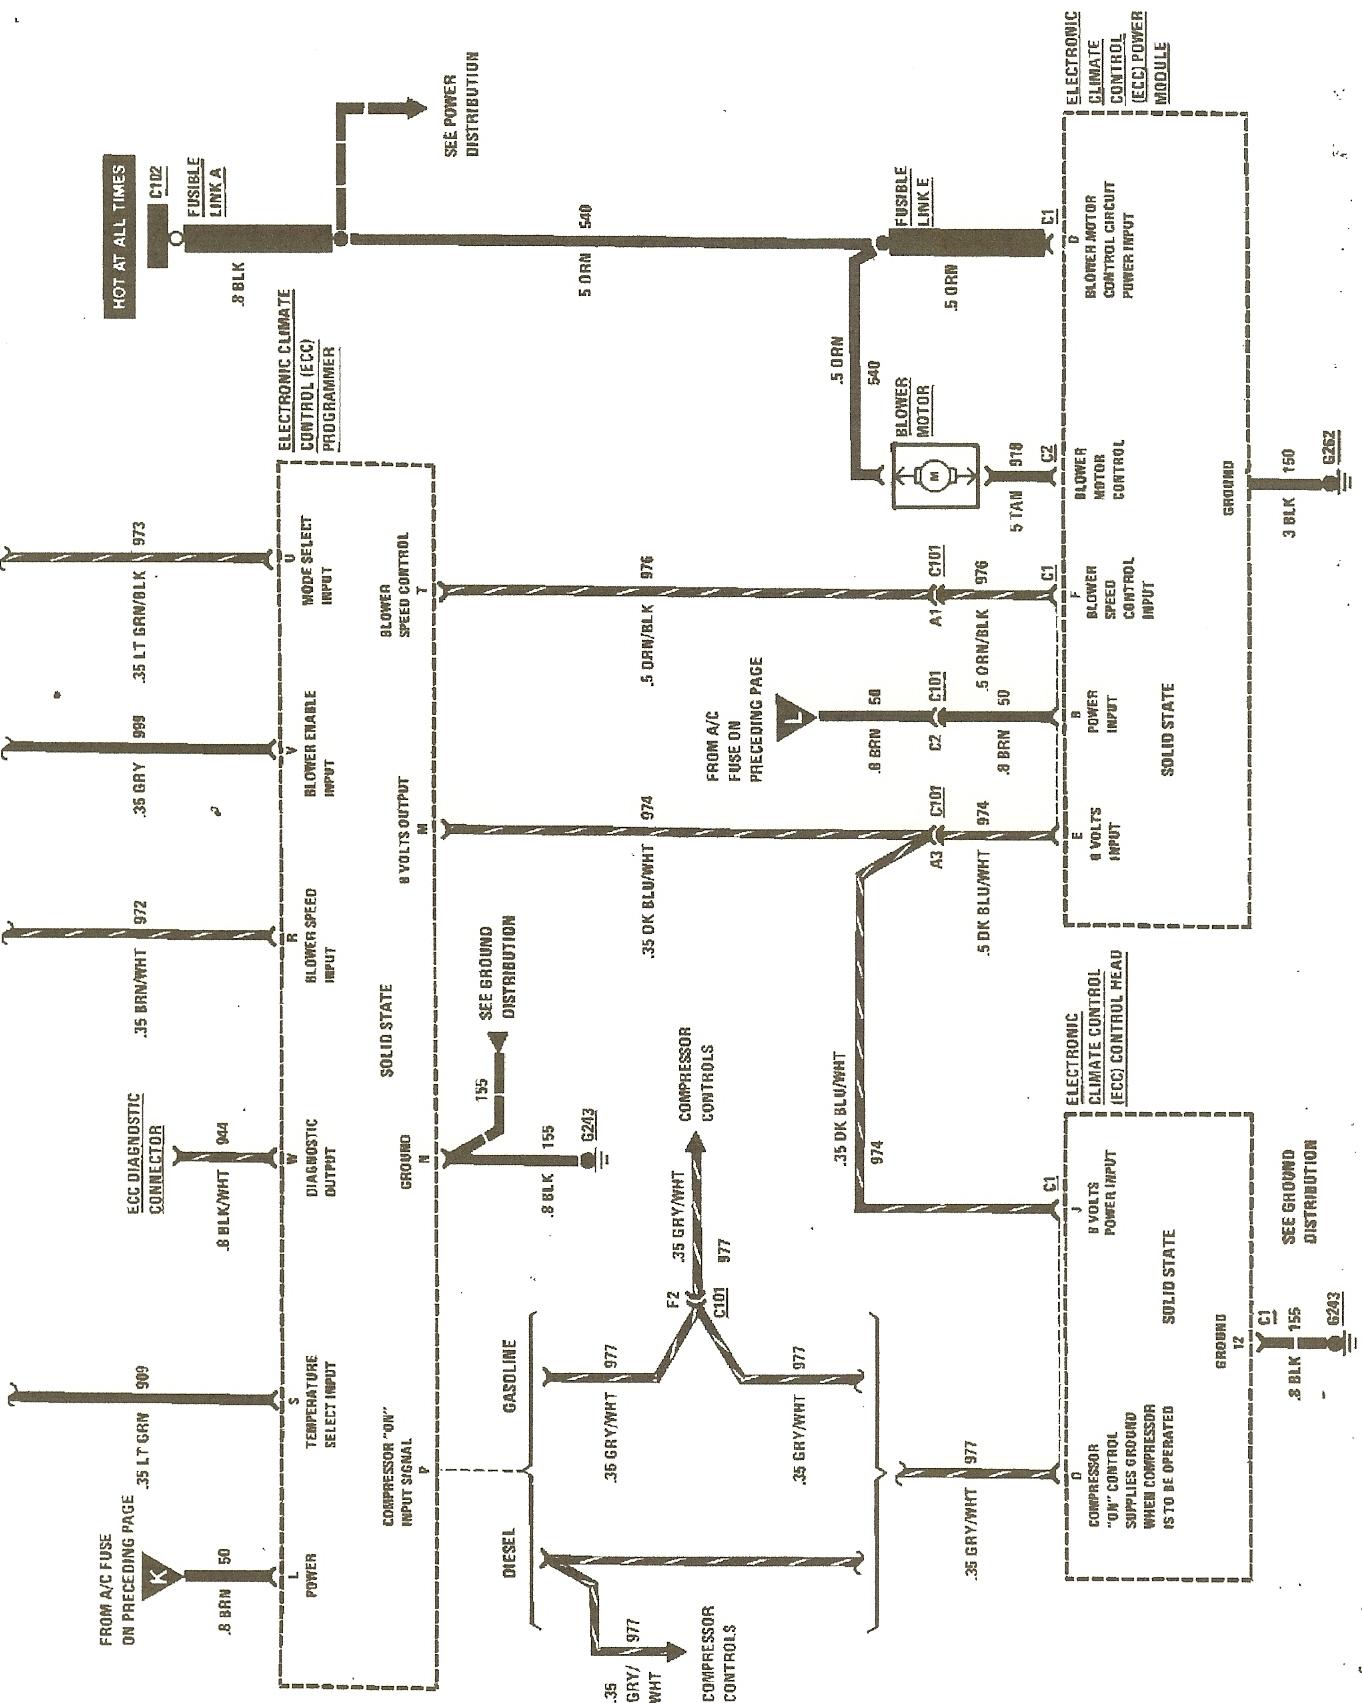 1984 Cadillac Eldorado Wiring Diagram - Wiring Diagram Server fear-answer -  fear-answer.ristoranteitredenari.it | Windshield Wiper Motor Wiring Diagram For 1984 Cadillac Eldorado |  | Ristorante I Tre Denari Manerbio